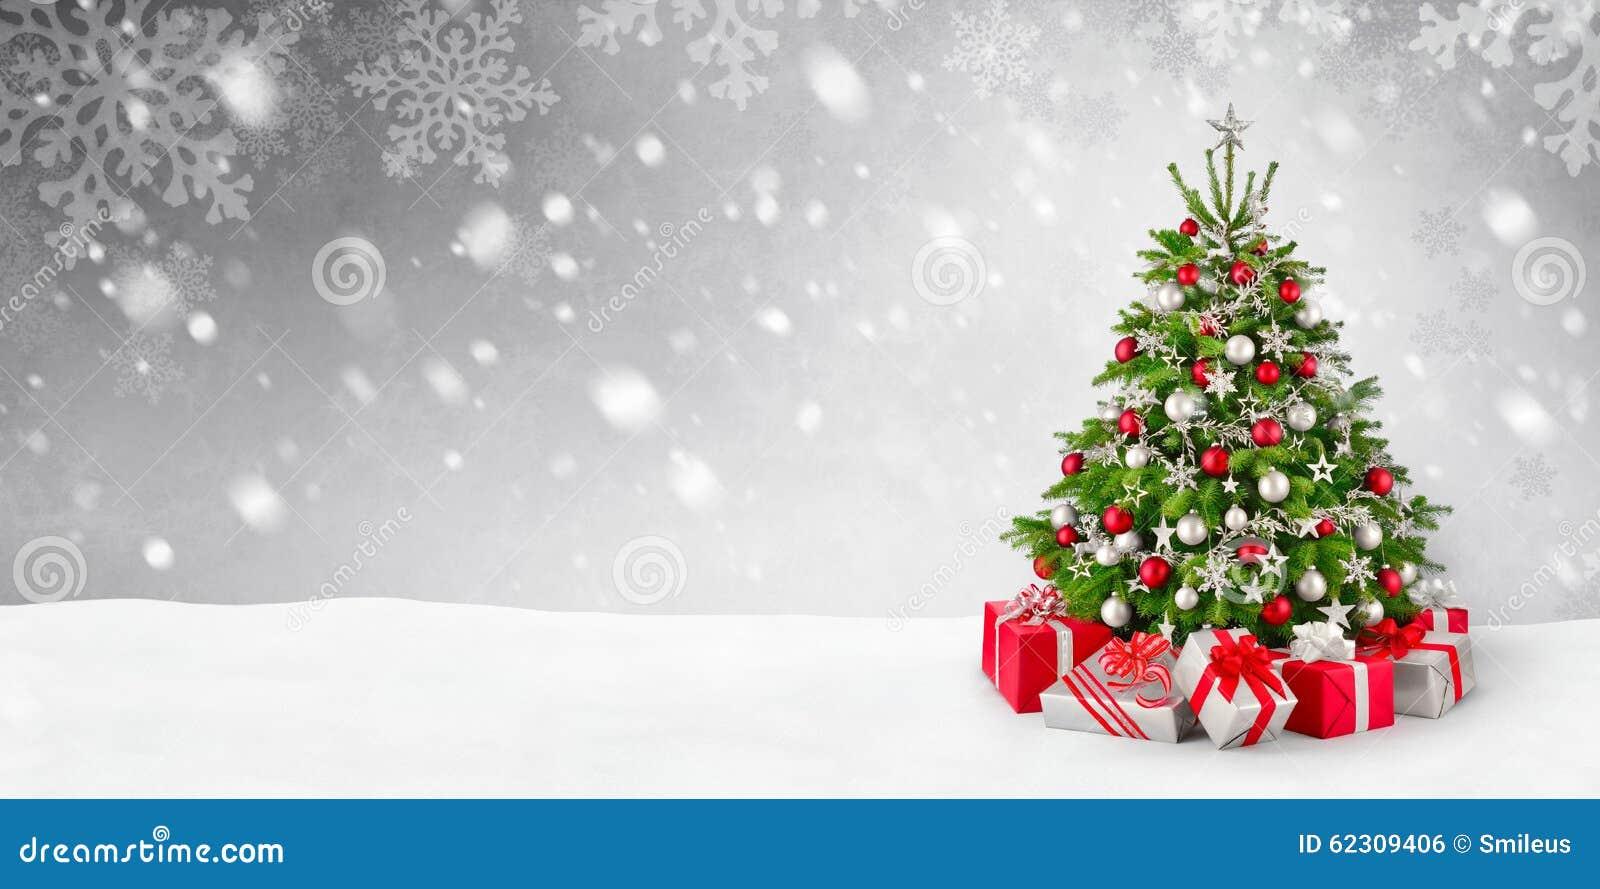 con elegante fondo navidad nieve